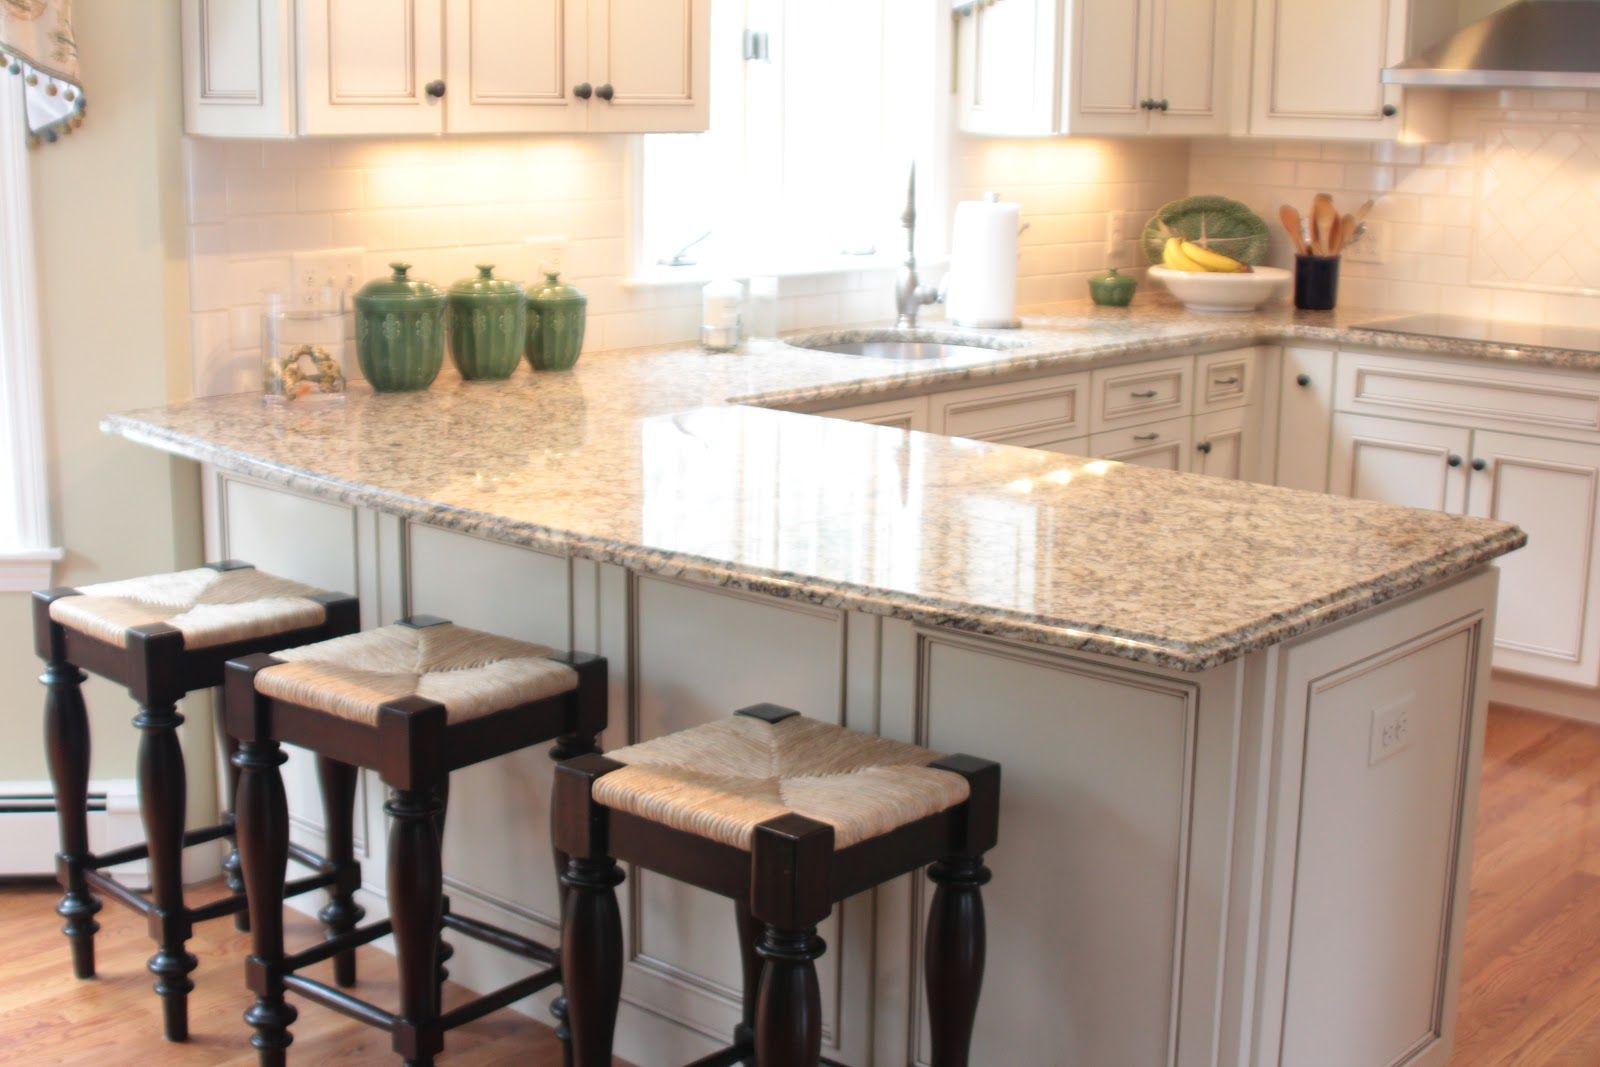 u shaped kitchen interior small kitchen remodels 25 best ideas about U Shaped Kitchen Interior on Pinterest U shaped kitchen diy U shaped kitchen and U shape kitchen